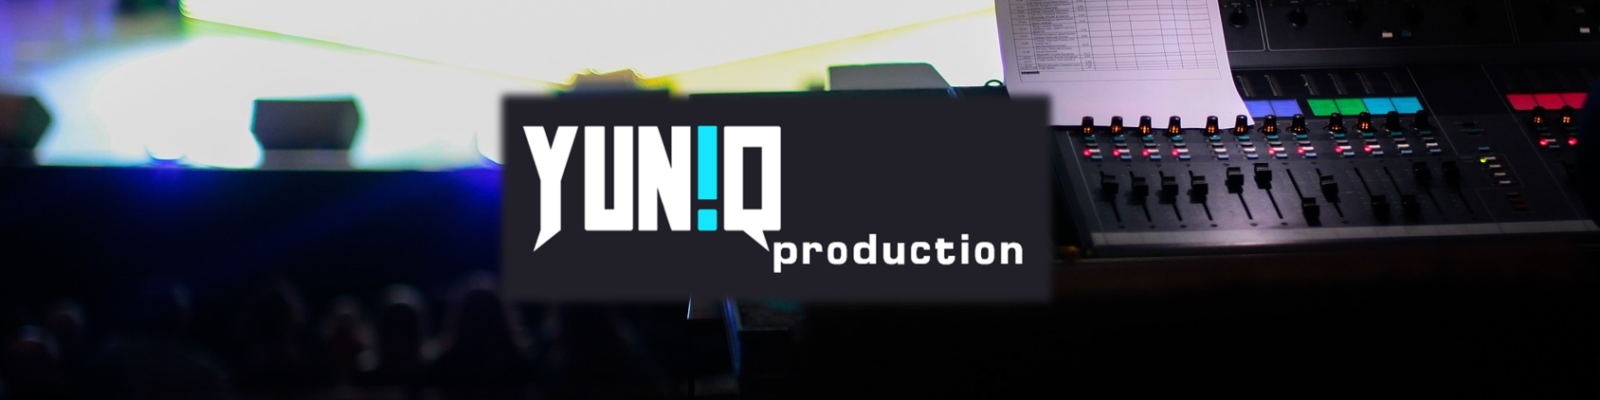 tv_show_yuniq_production